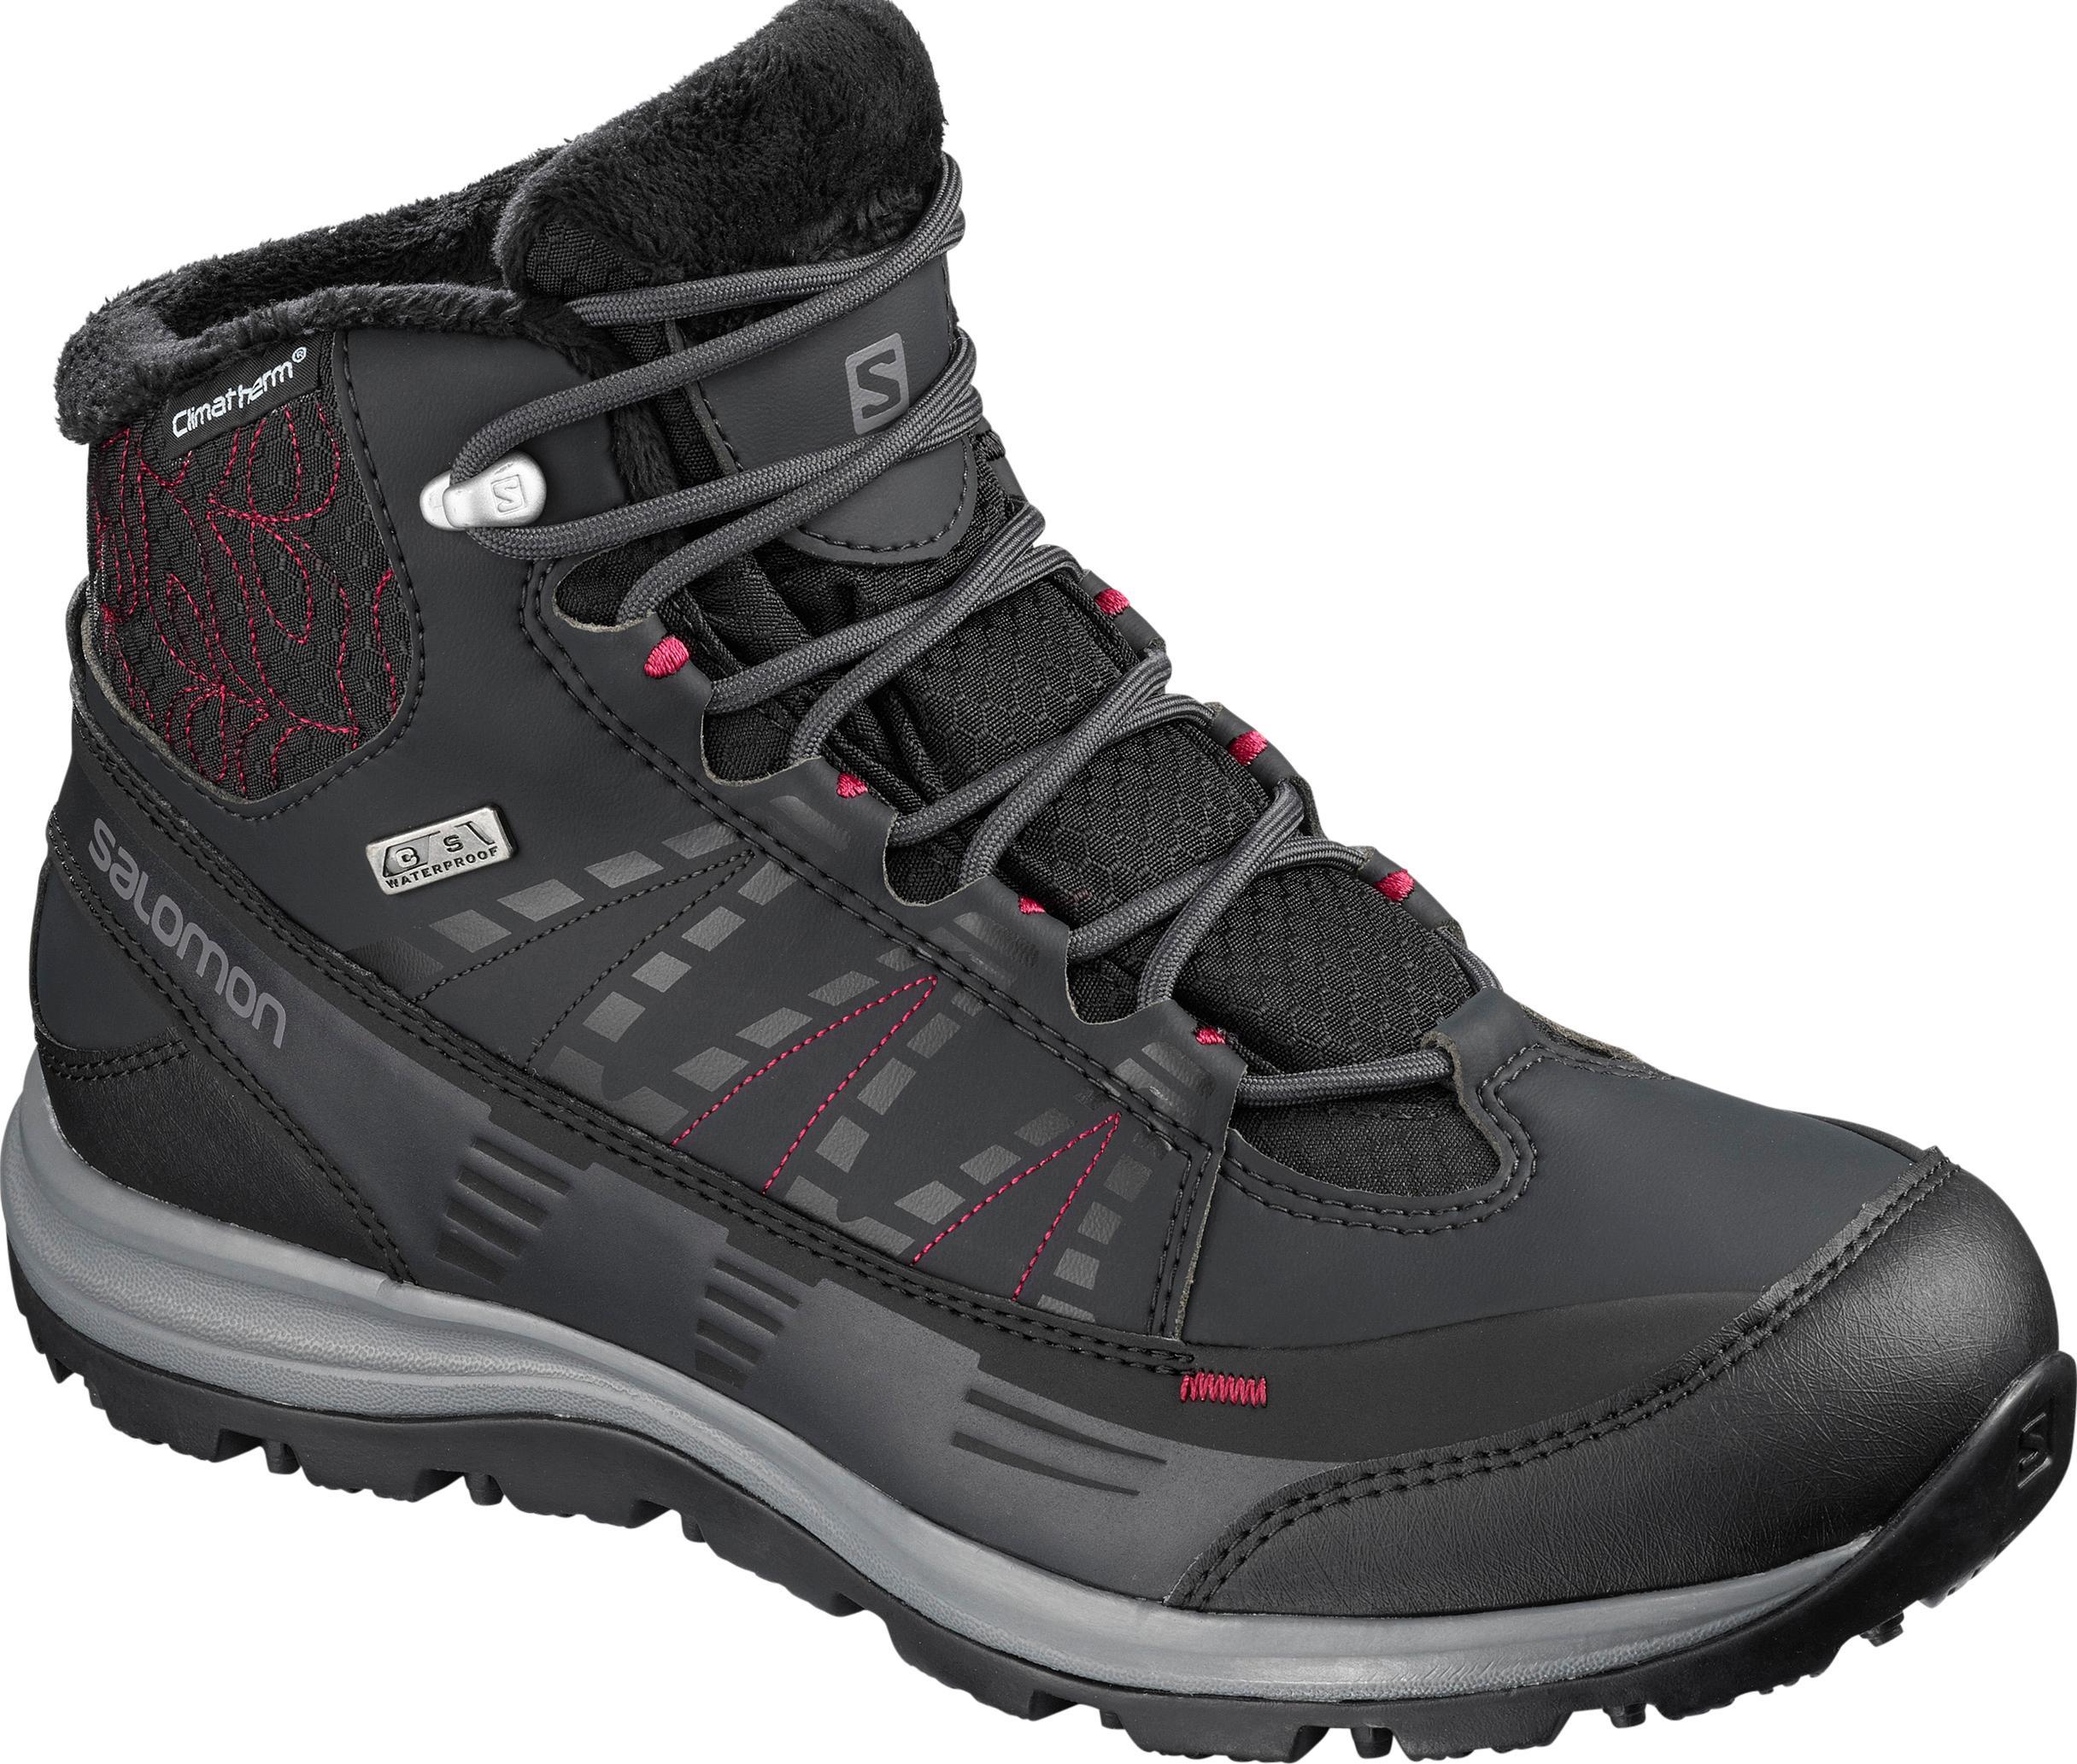 Salomon Kaina CS WP 2 Winterschuhe Damen phantom-schwarz-beet ROT im Online Shop von SportScheck kaufen Gute Qualität beliebte Schuhe